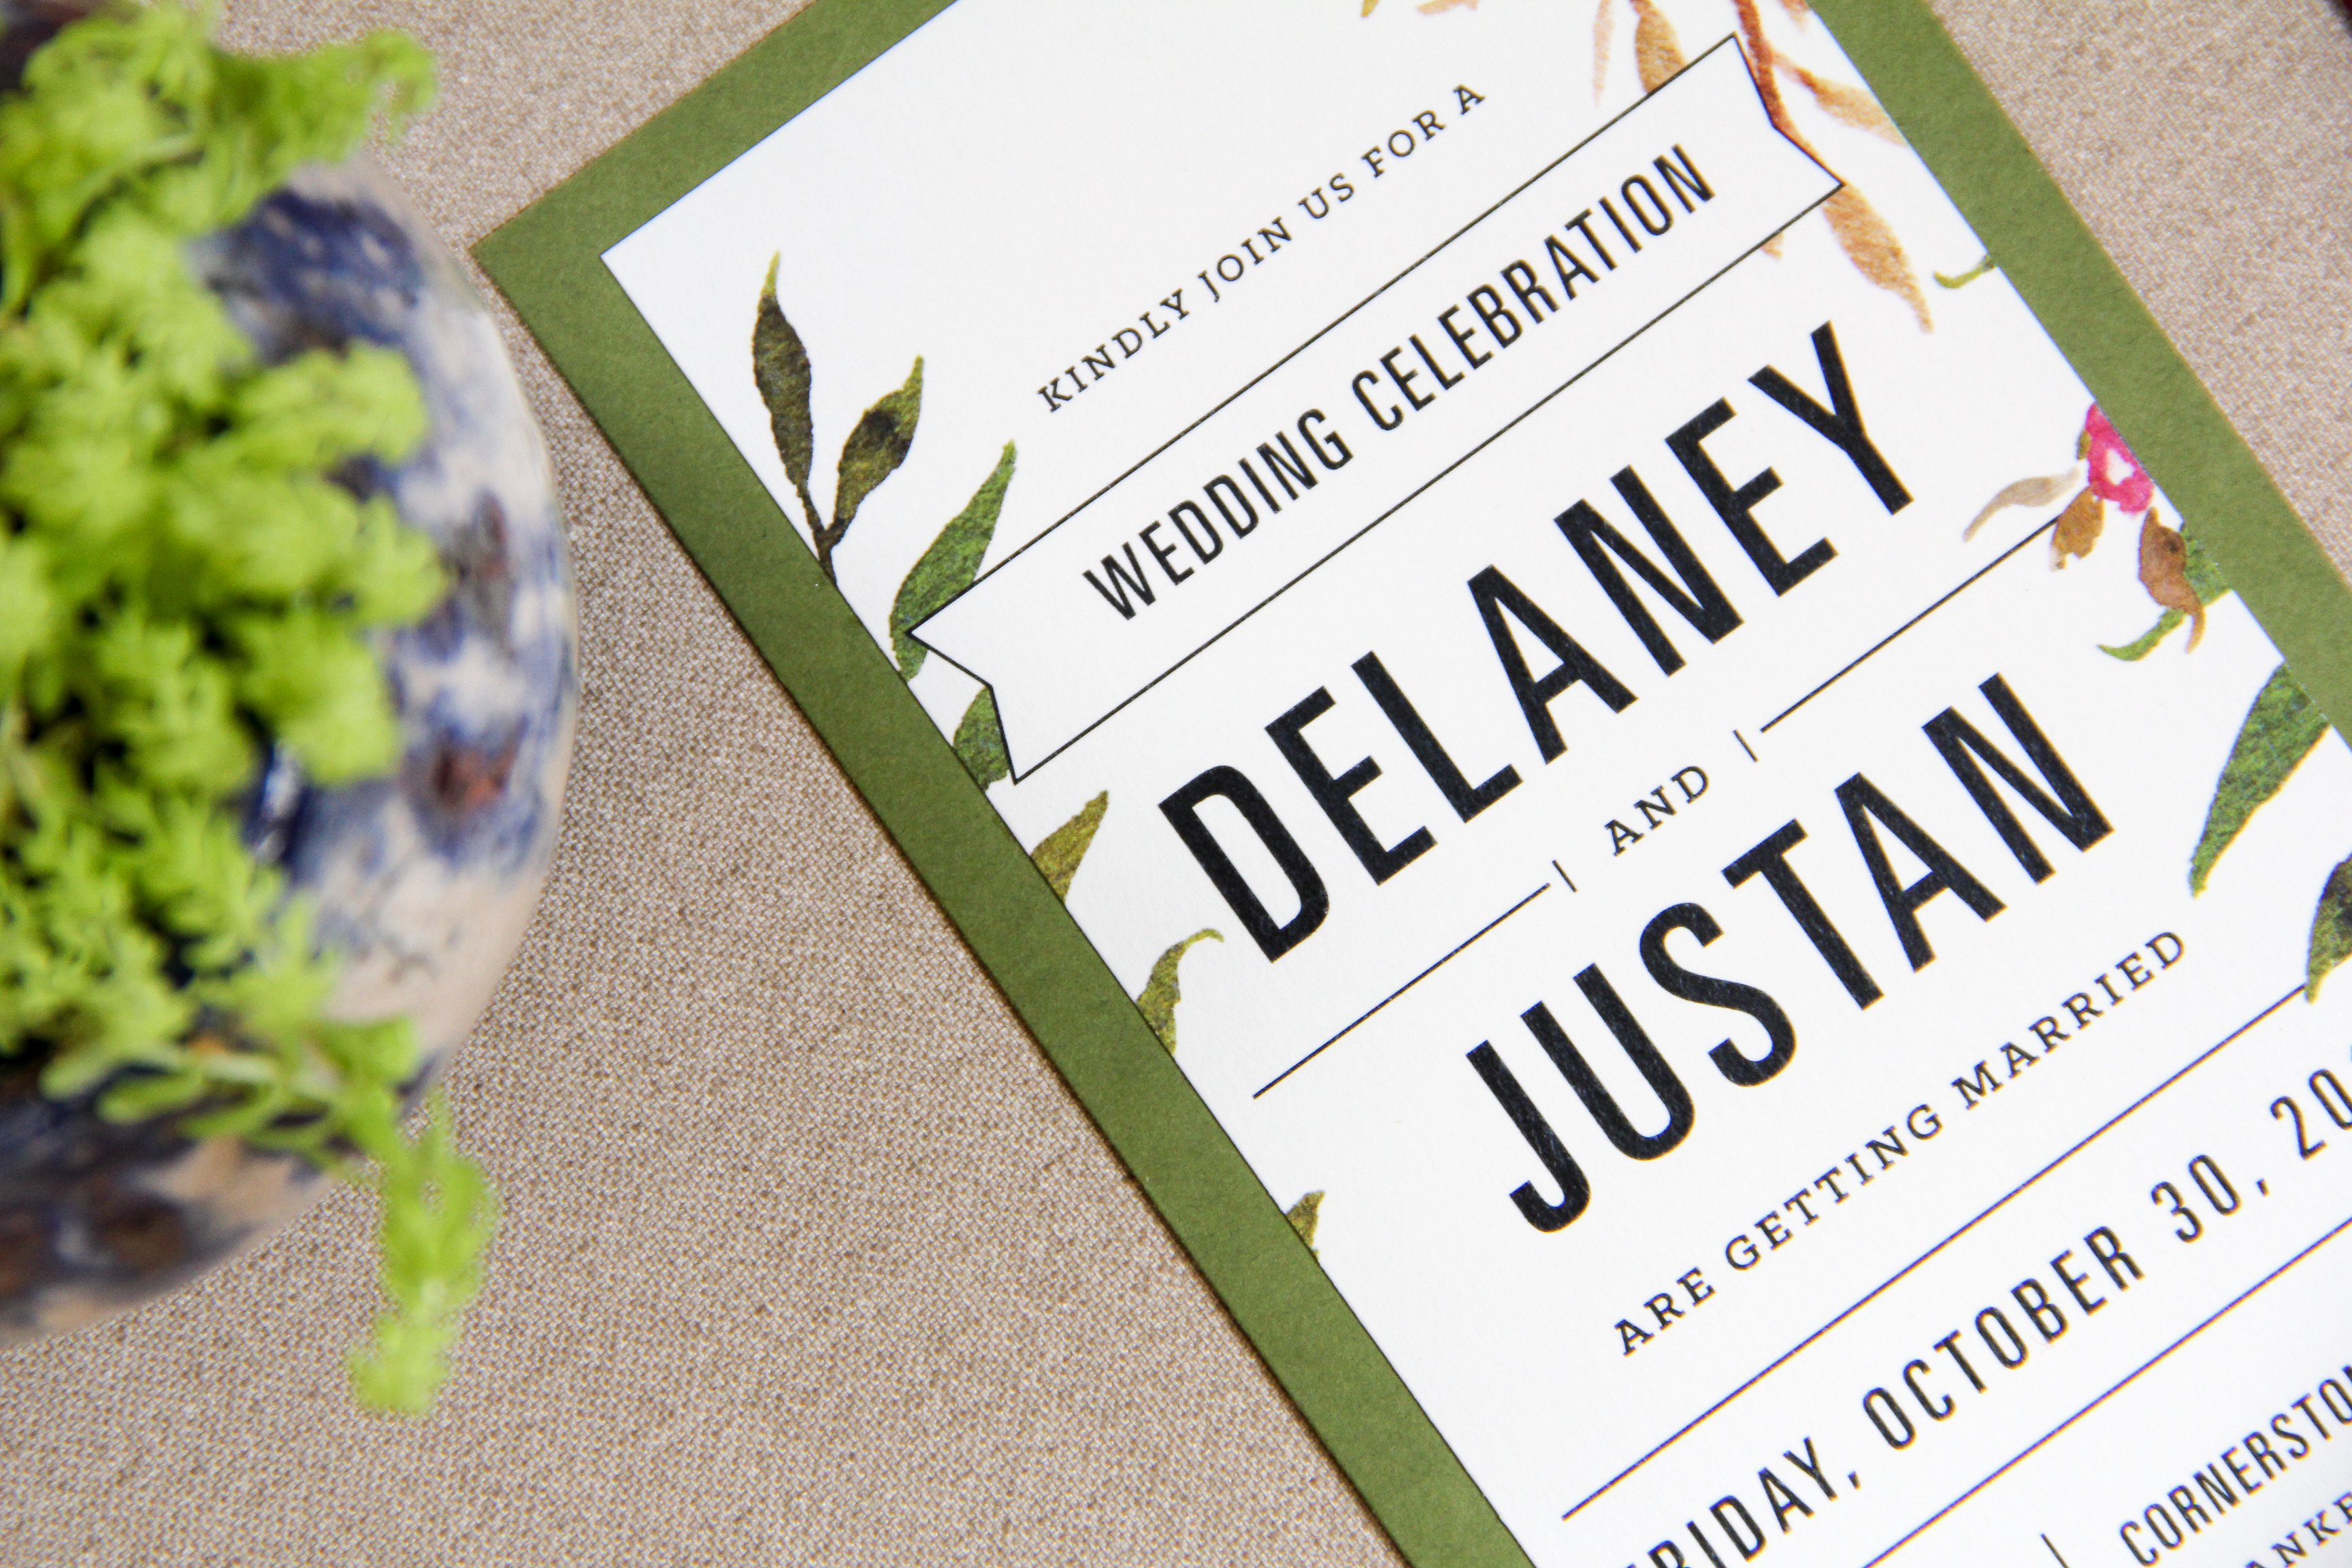 Delaney & Justan